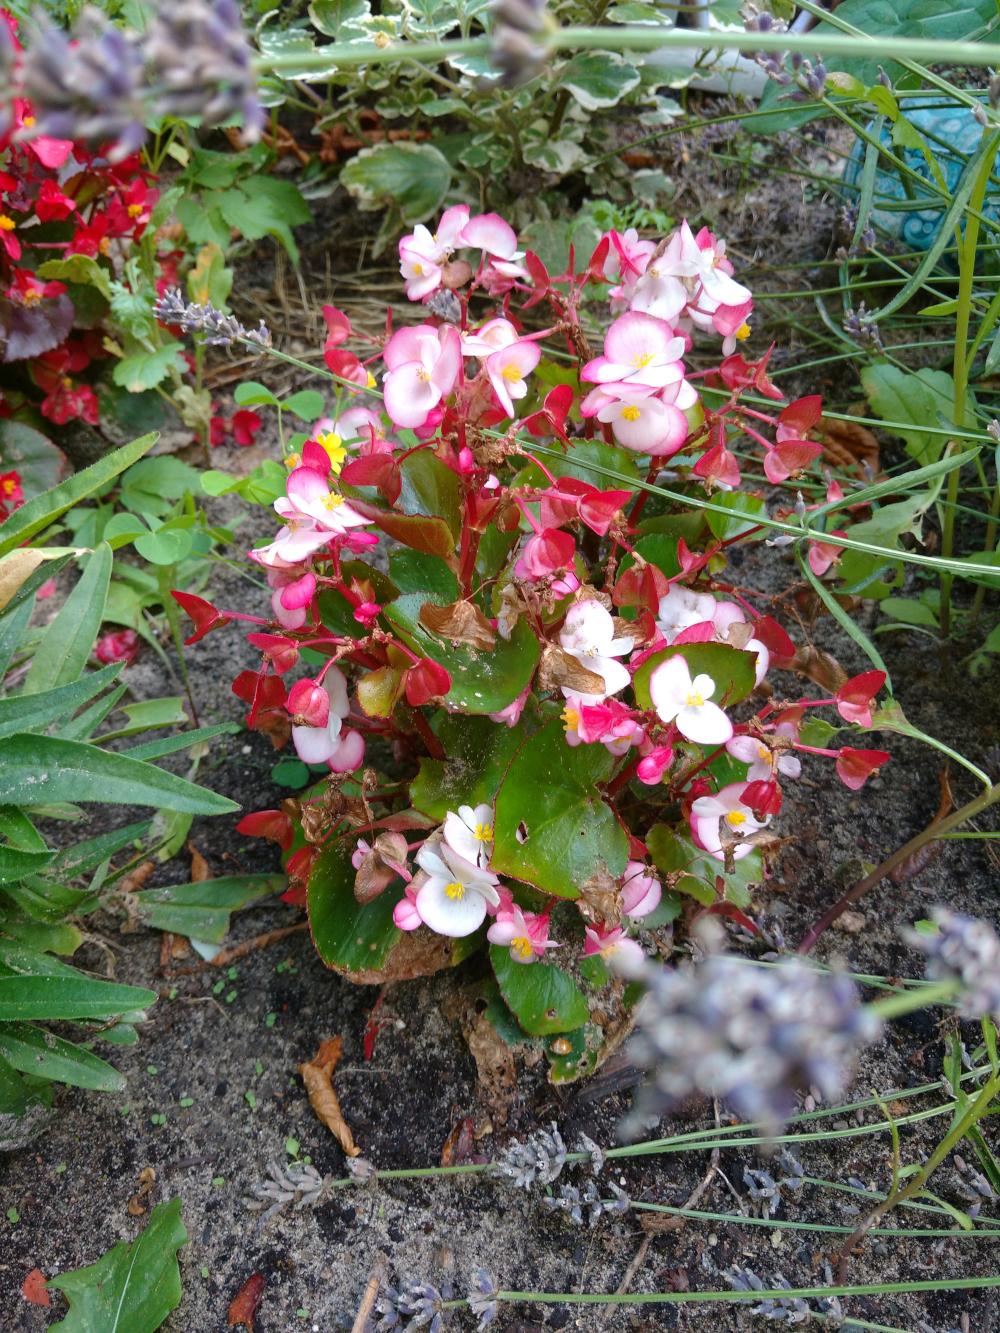 Eine unbekannte Pflanze mit roten und rosa Blüten